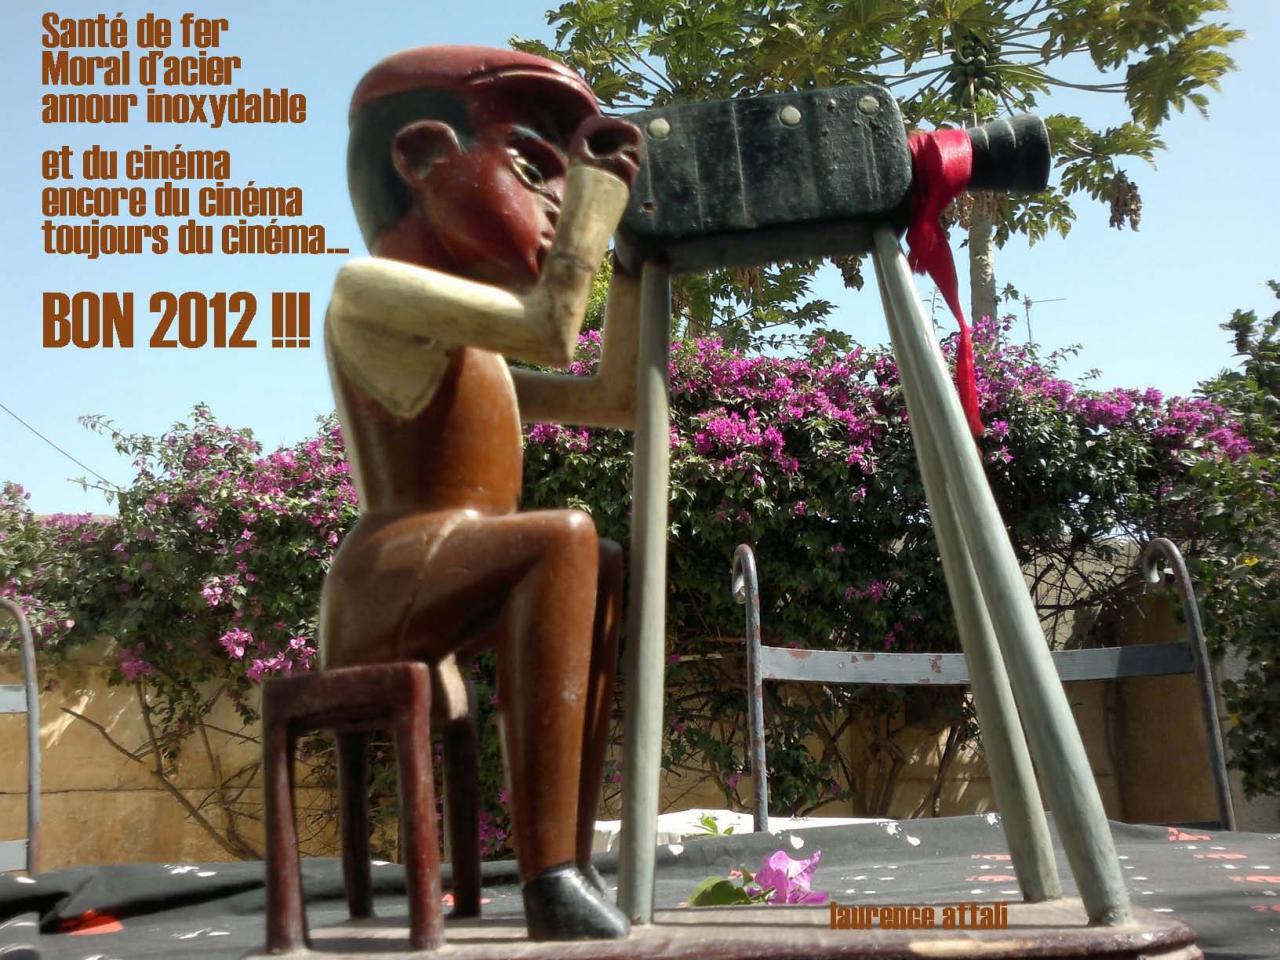 BON 2012